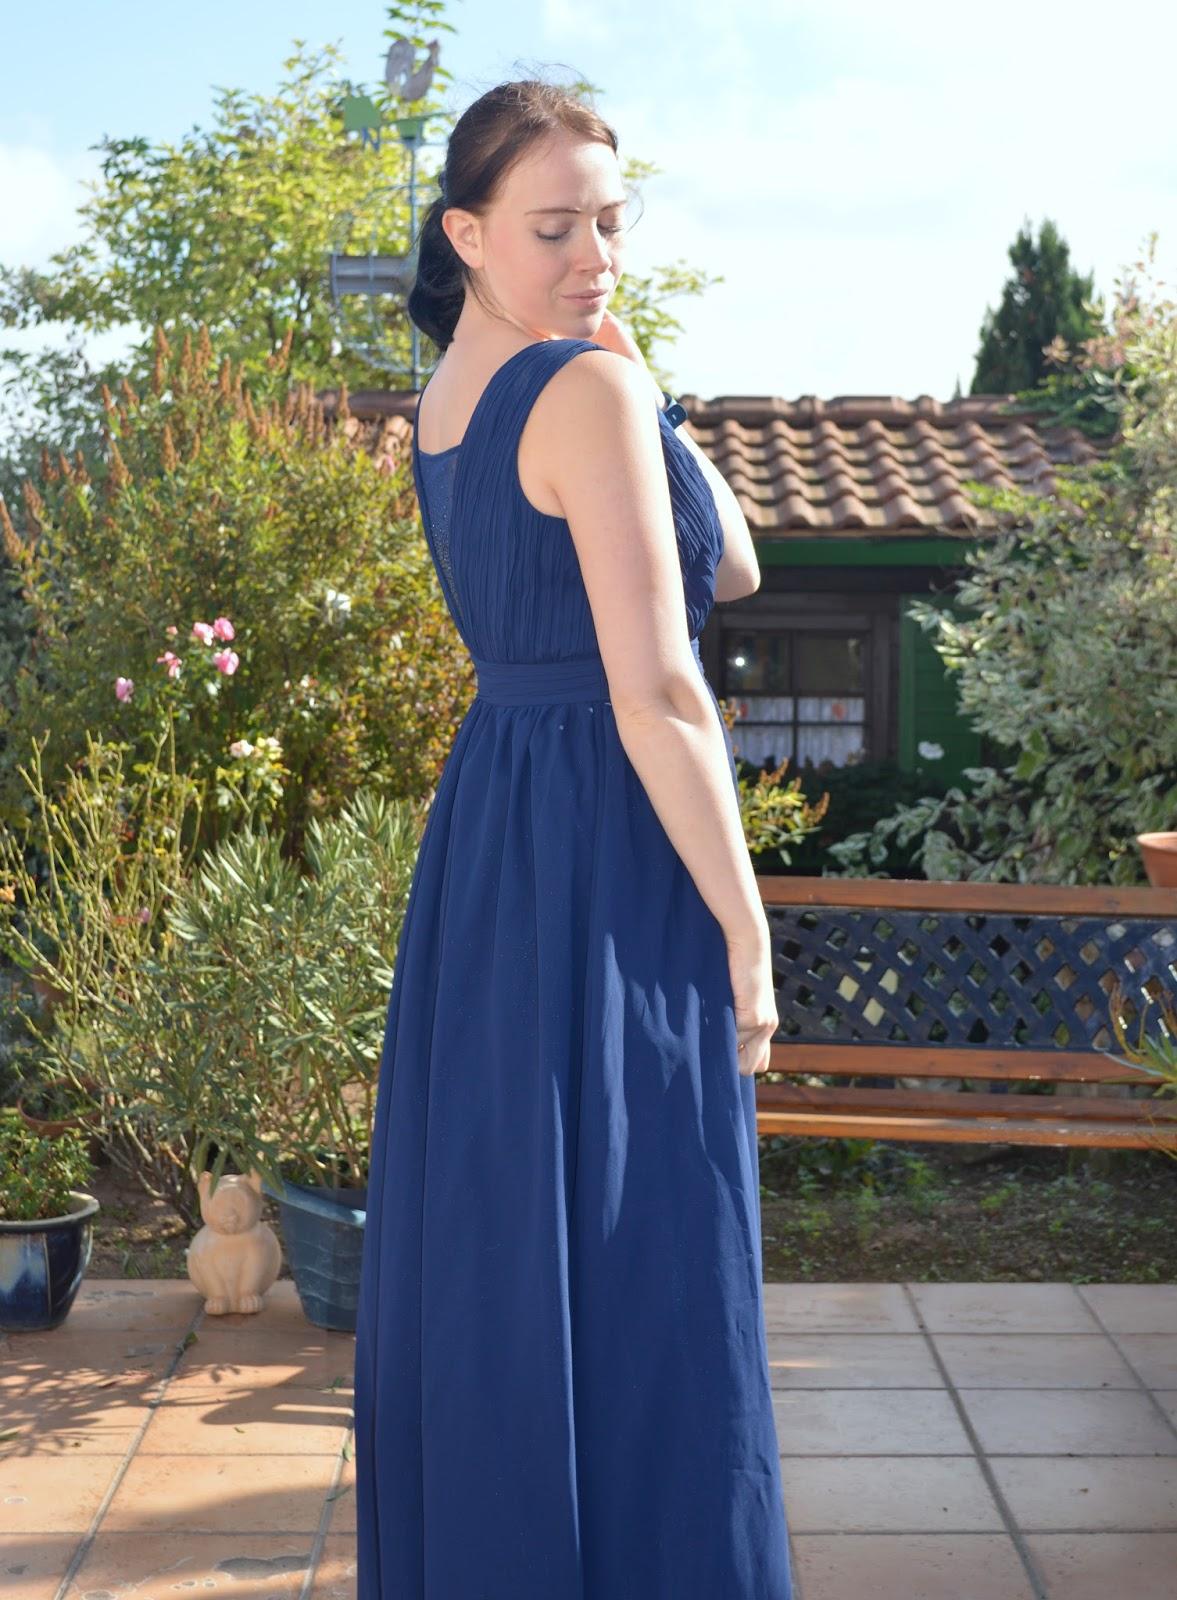 Atemberaubend Blaue Kleider Für Hochzeitsparty Fotos - Brautkleider ...